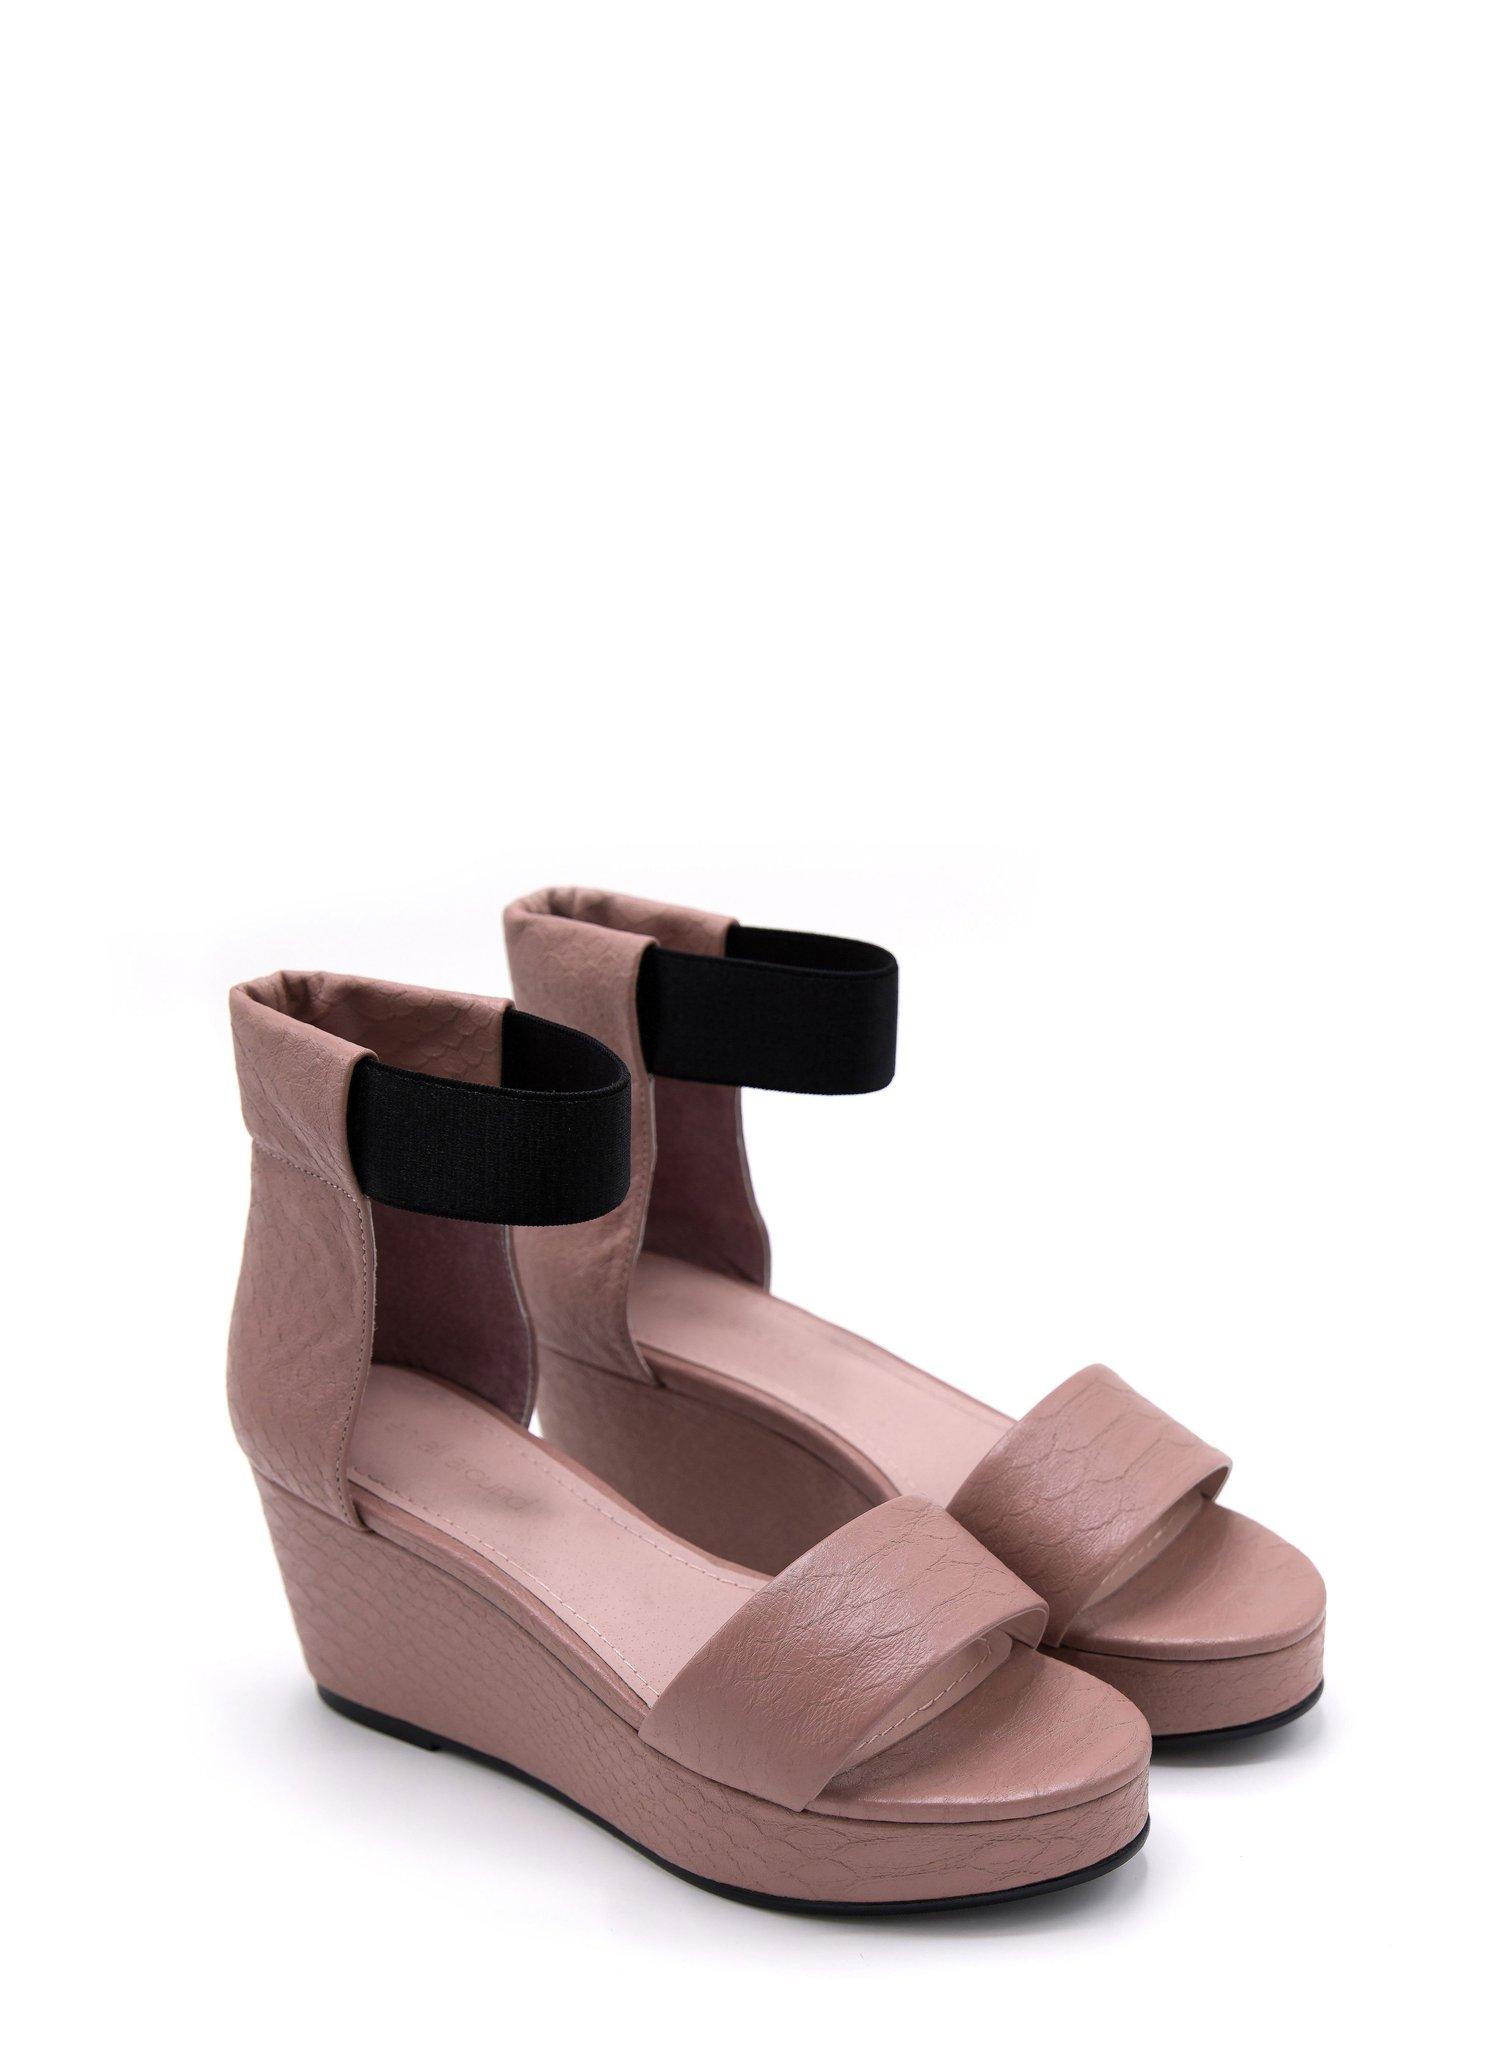 seven all around dusty pink sandals.jpg